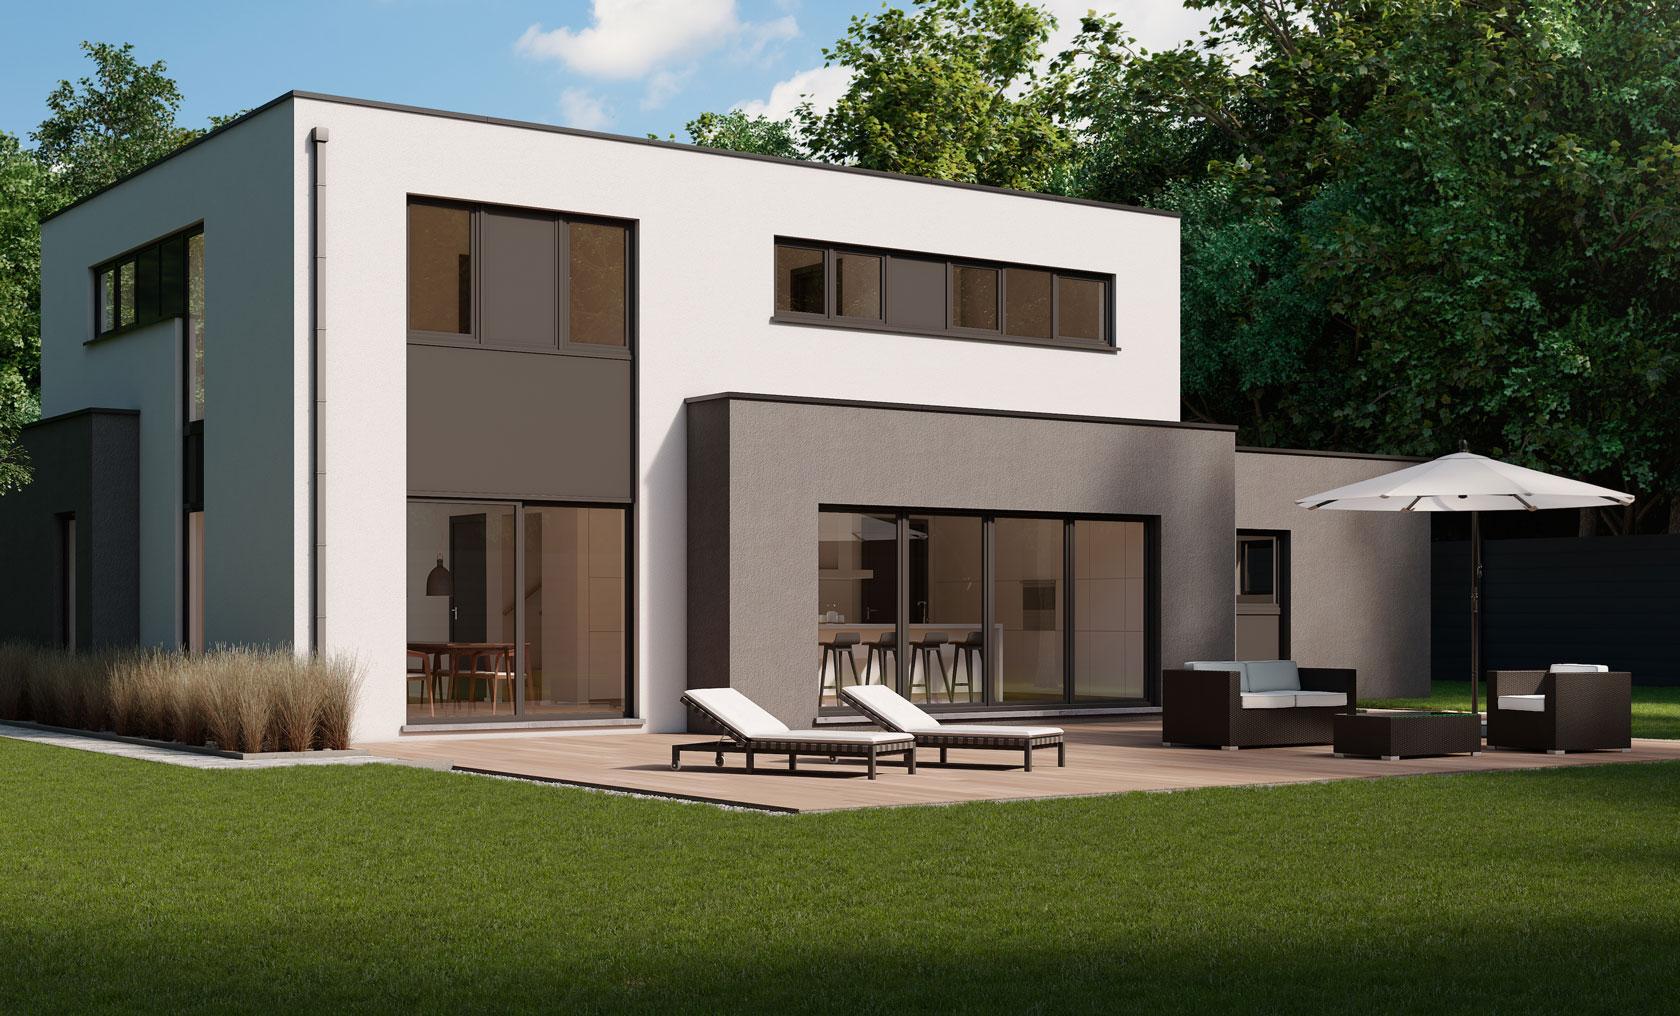 Delta constructions faire construire votre maison for Construire et concevoir votre propre maison